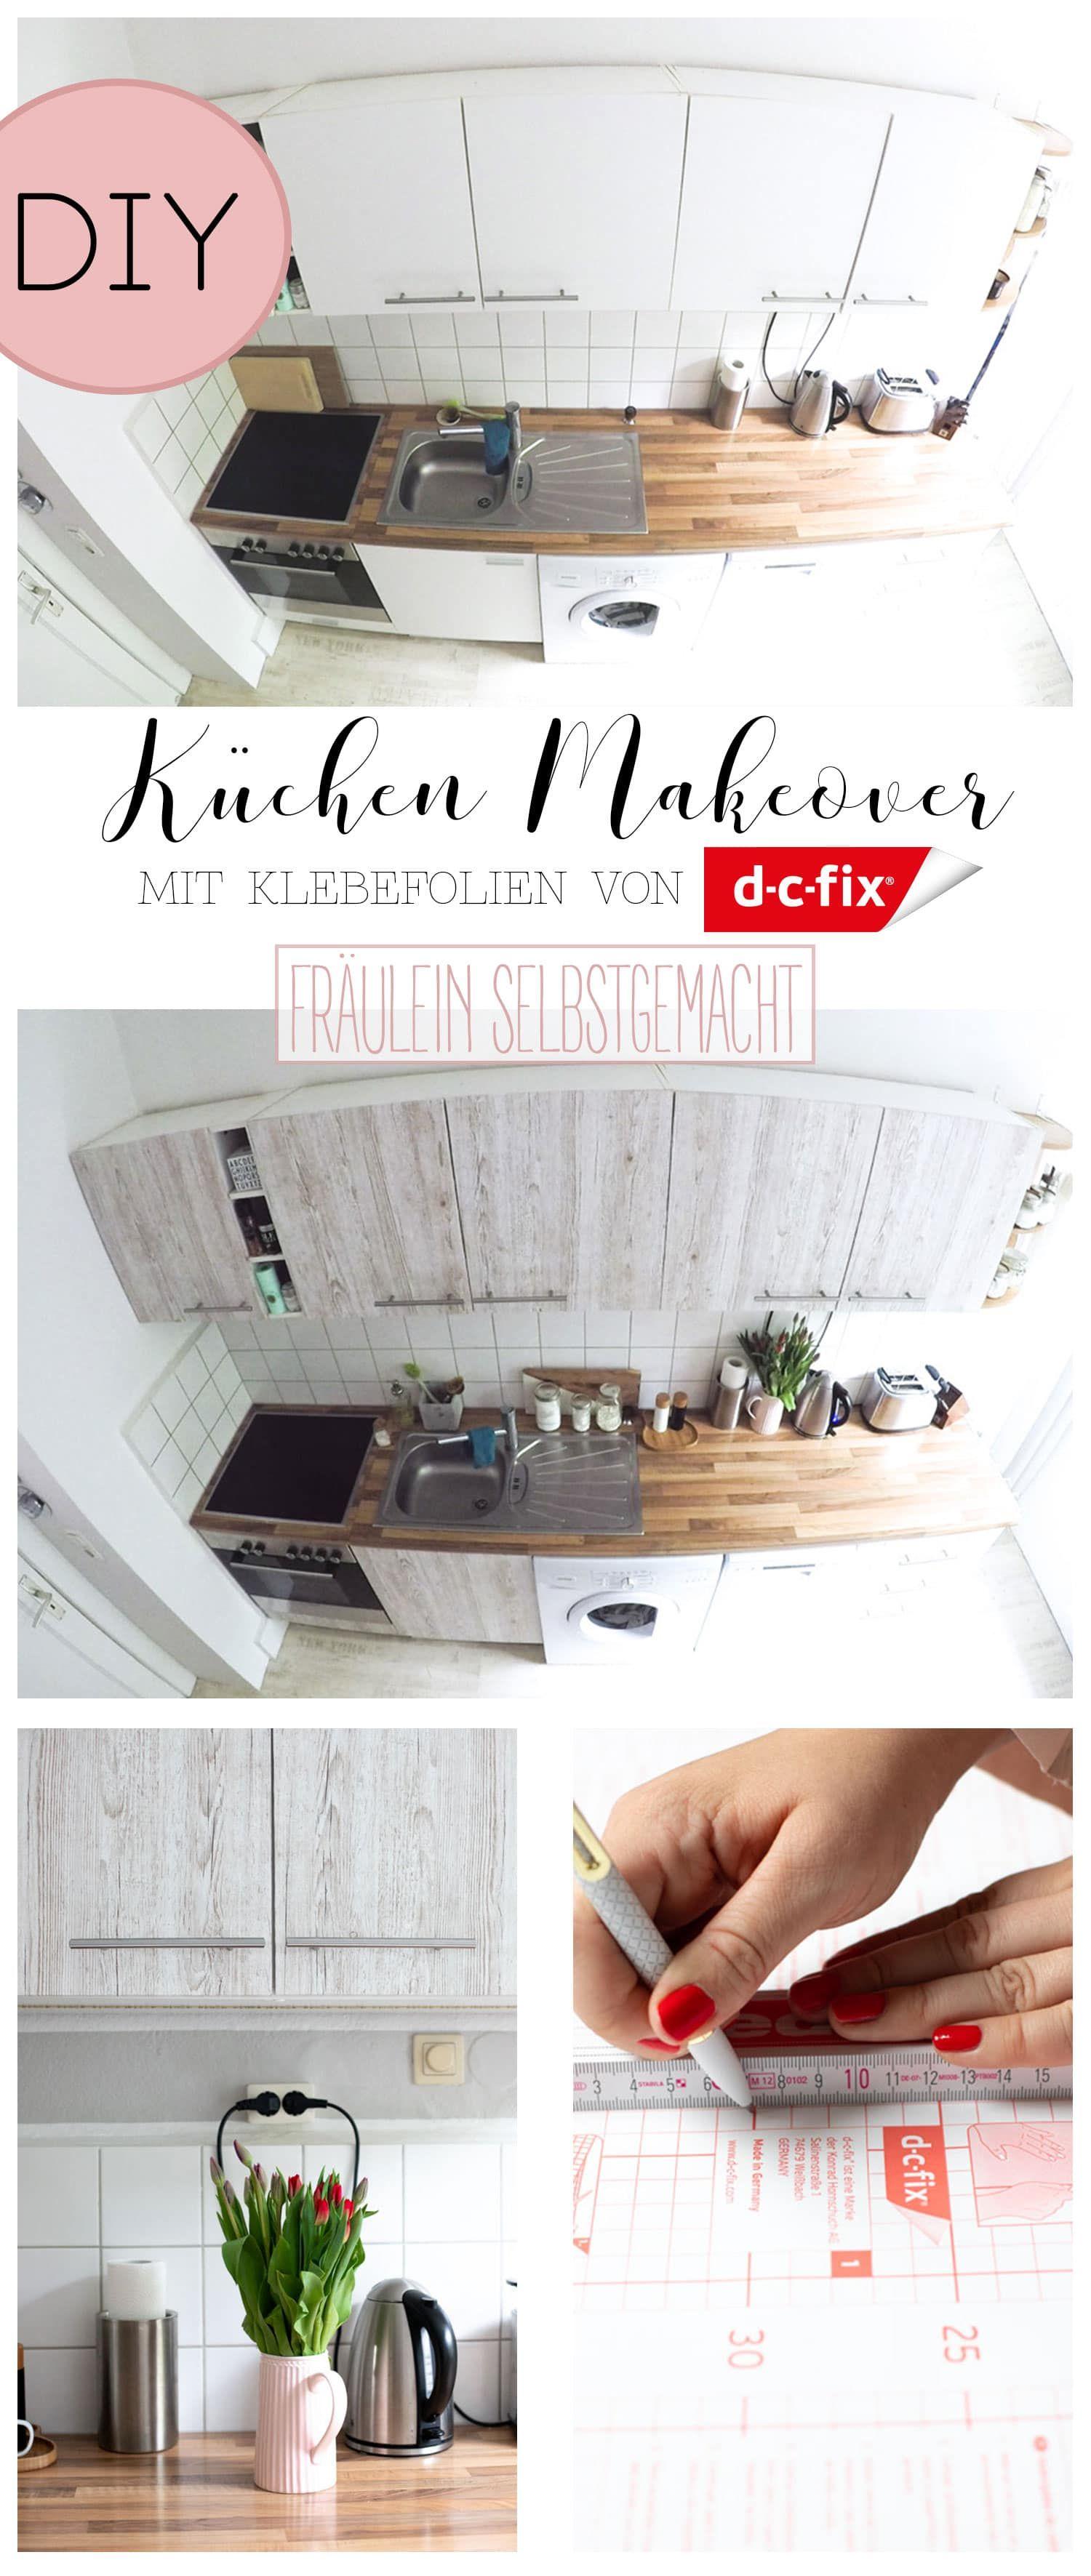 Kuchen Makeover Ikea Kuche Mit Klebefolien Umgestalten Kuche Klebefolie Klebefolie Ikea Kuchenideen